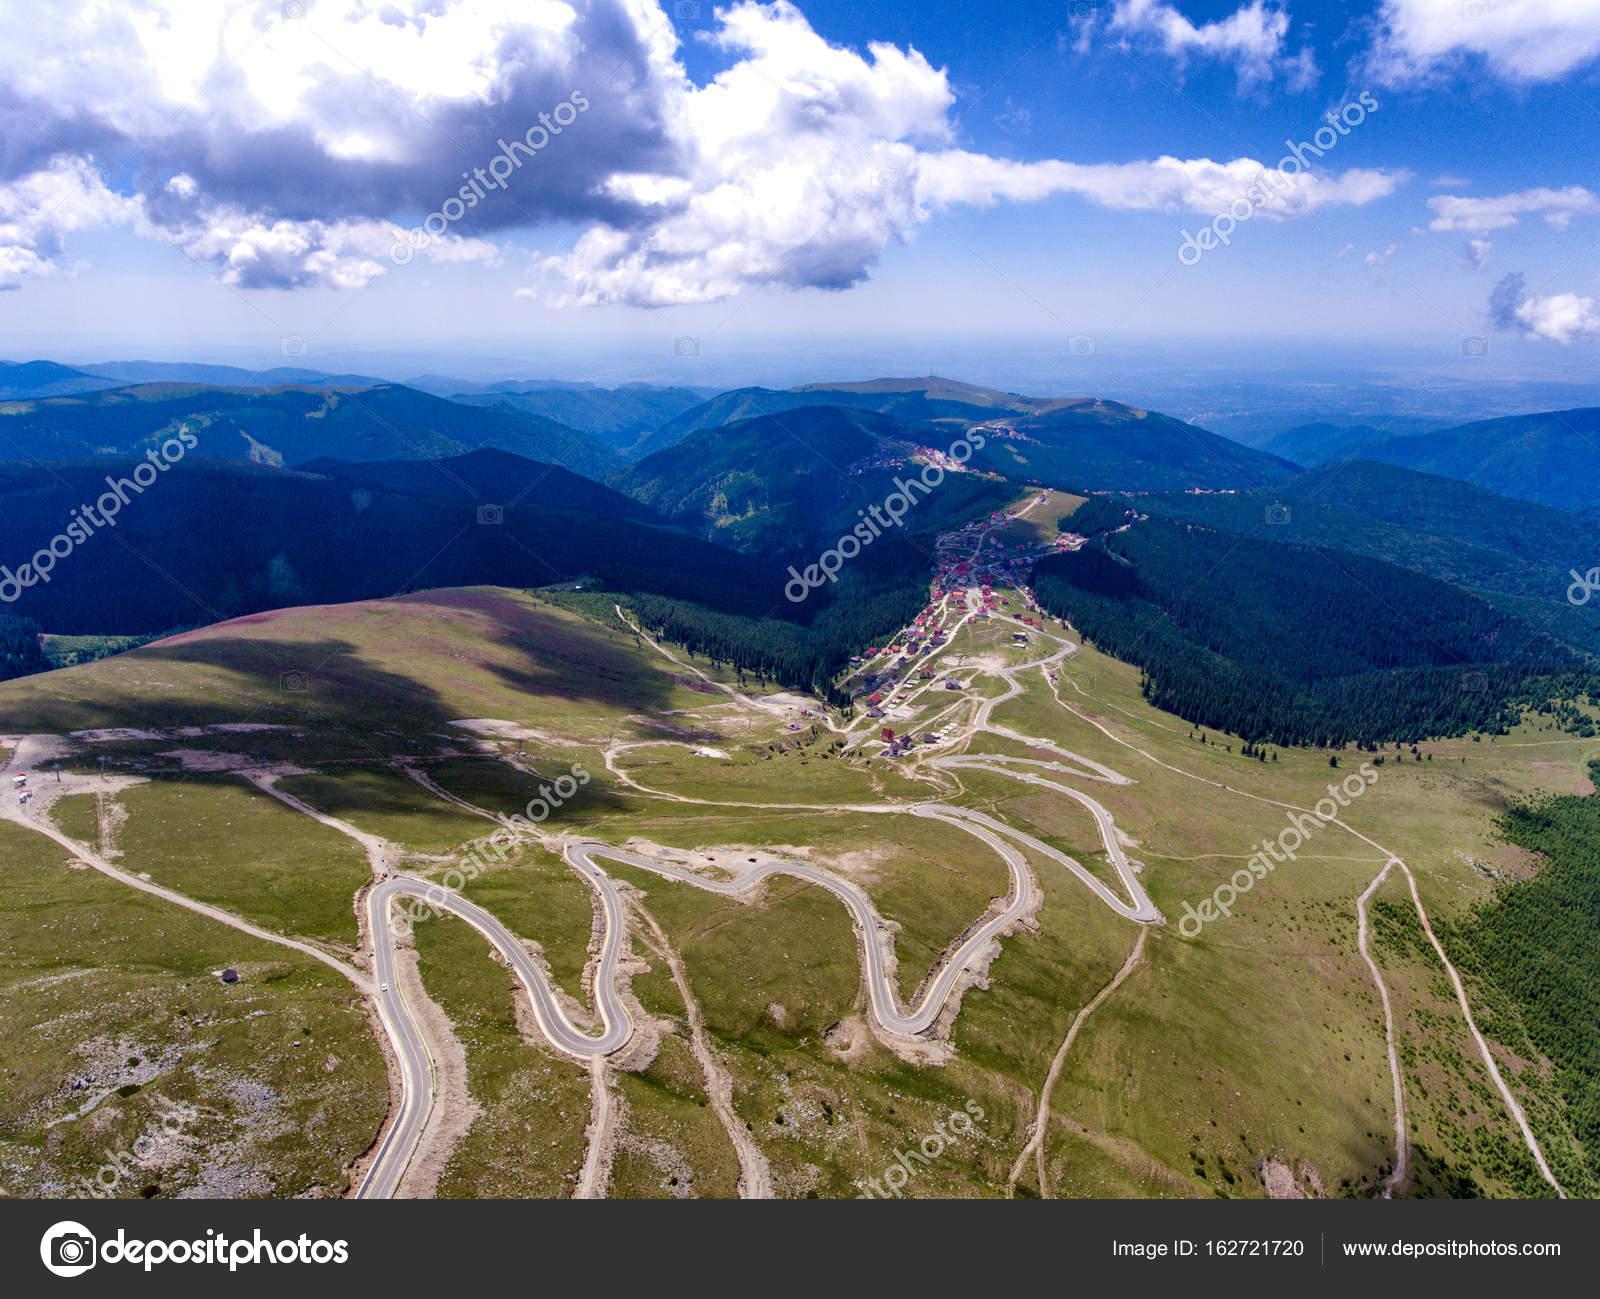 Ranca Upas Hotspring – Travelsmart Vacation  |Ranca